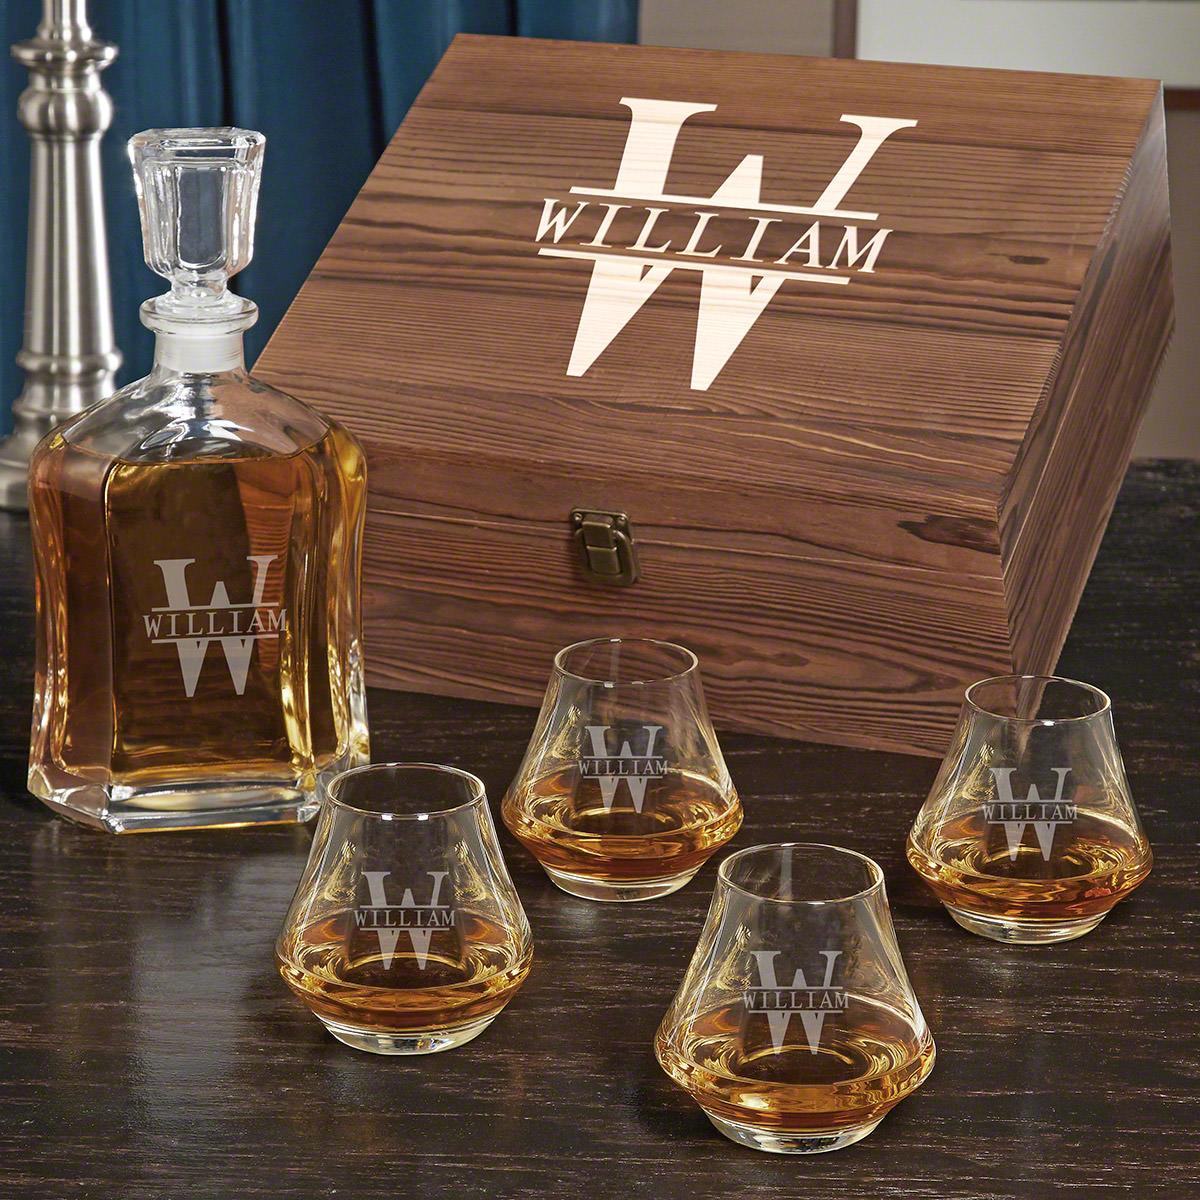 Oakmont DiMera Personalized Argos Decanter Whiskey Gift Set